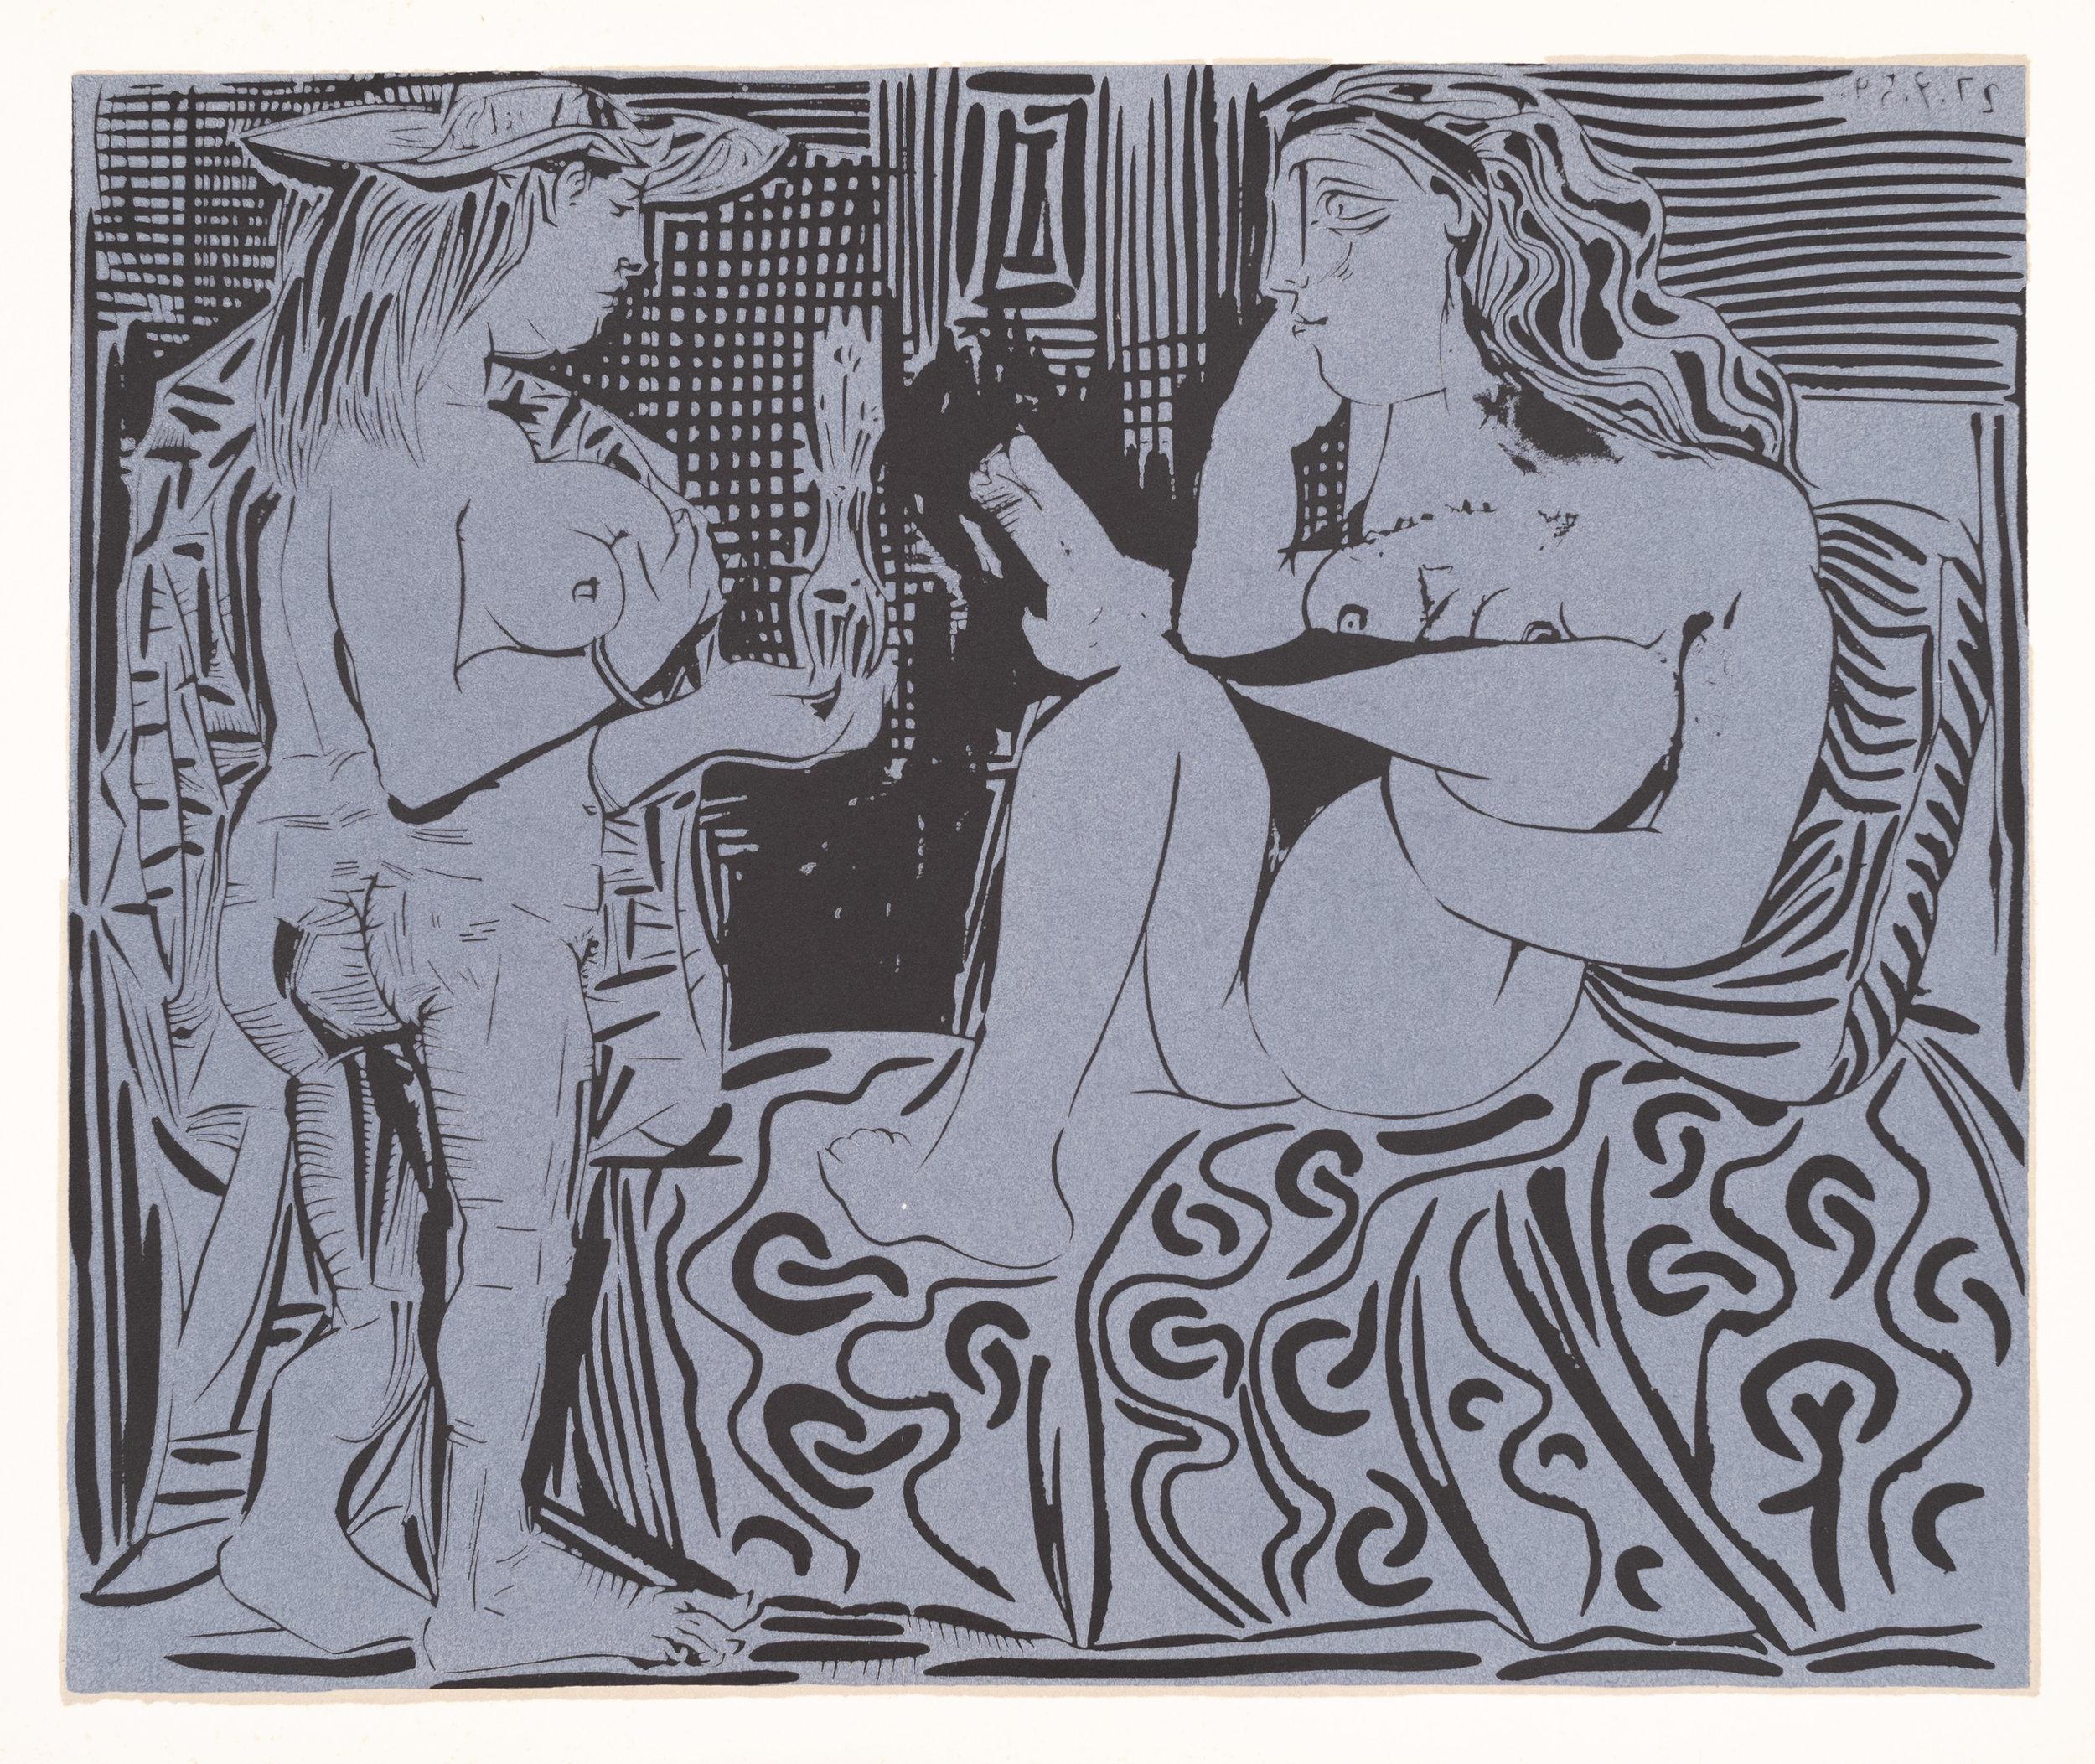 Two Women, 1962, Linocut